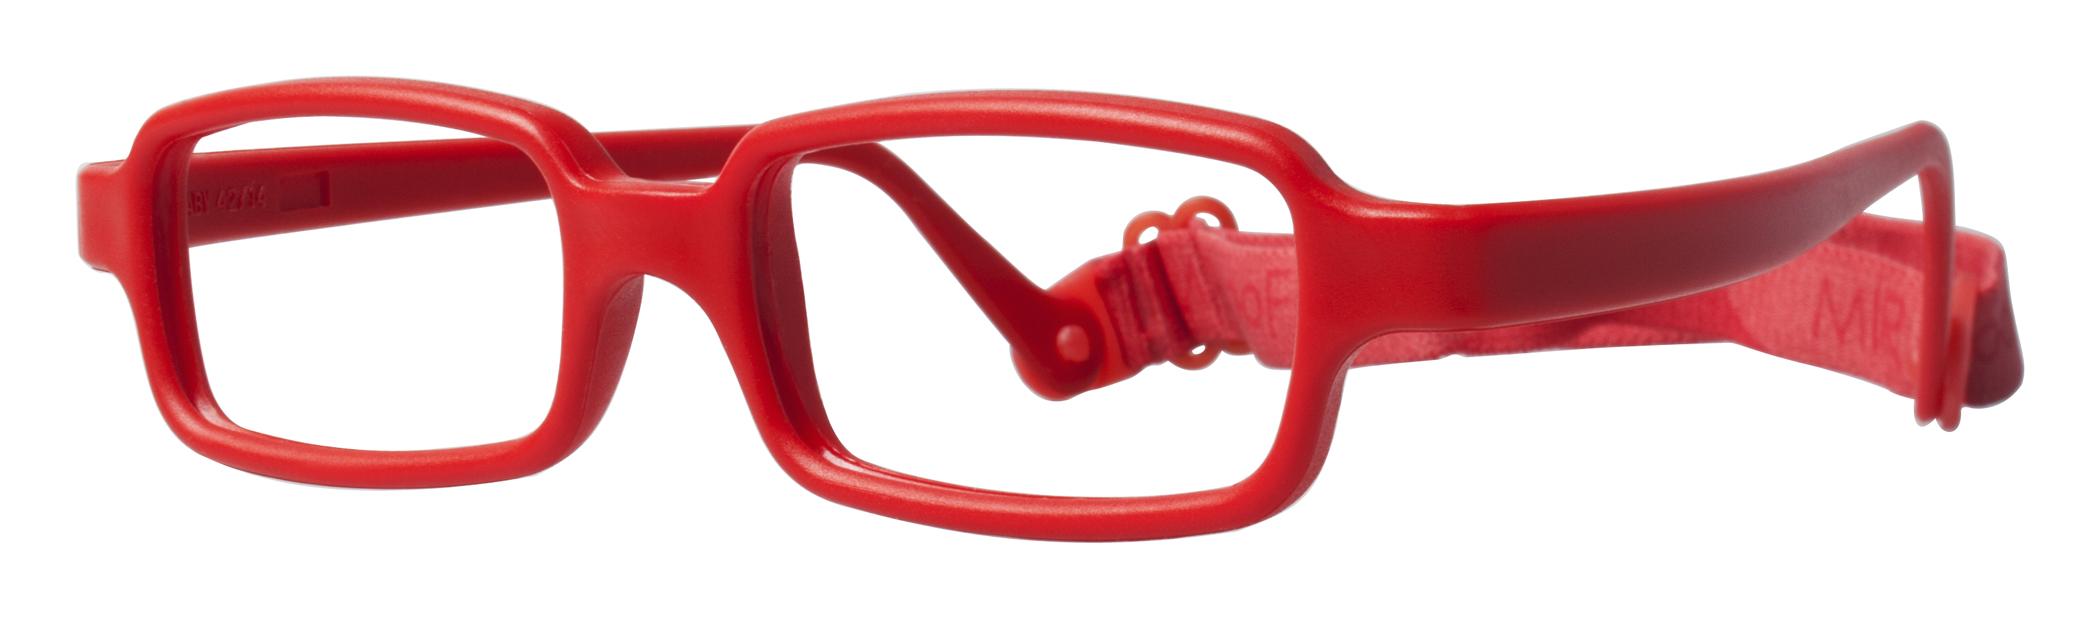 Miraflex New Baby 4 Eyeglasses Red I